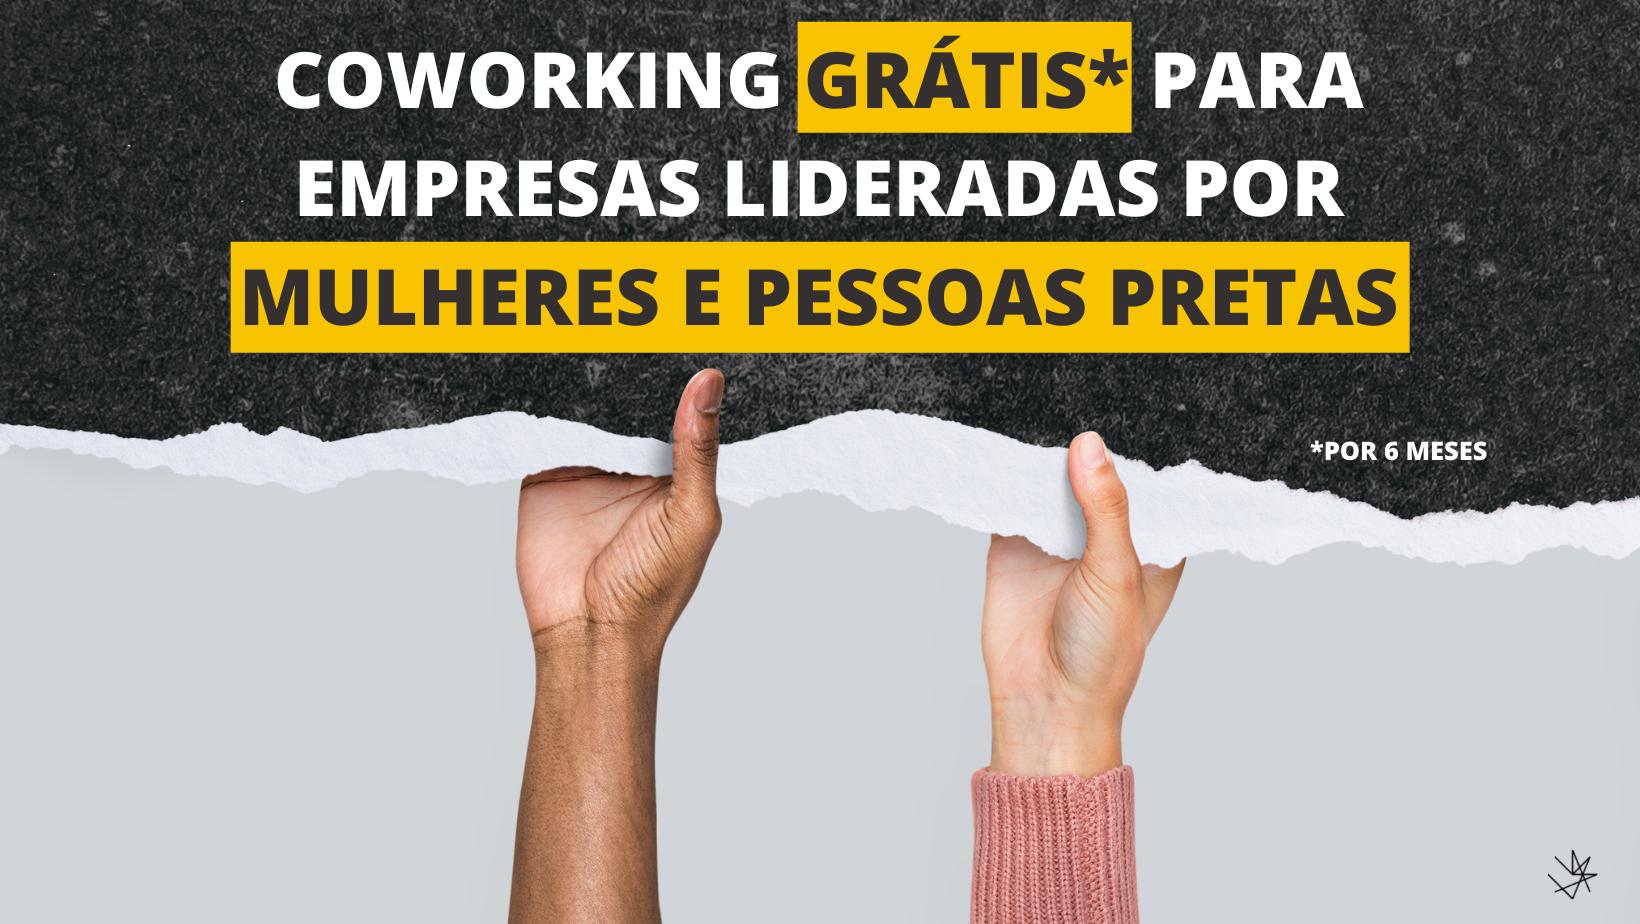 """Coworking oferece espaço gratuito: O """"Retoma CWB"""", nova iniciativa da Aldeia, visa ajudar este públicocom 6 meses de espaços no coworking gratuitamente"""